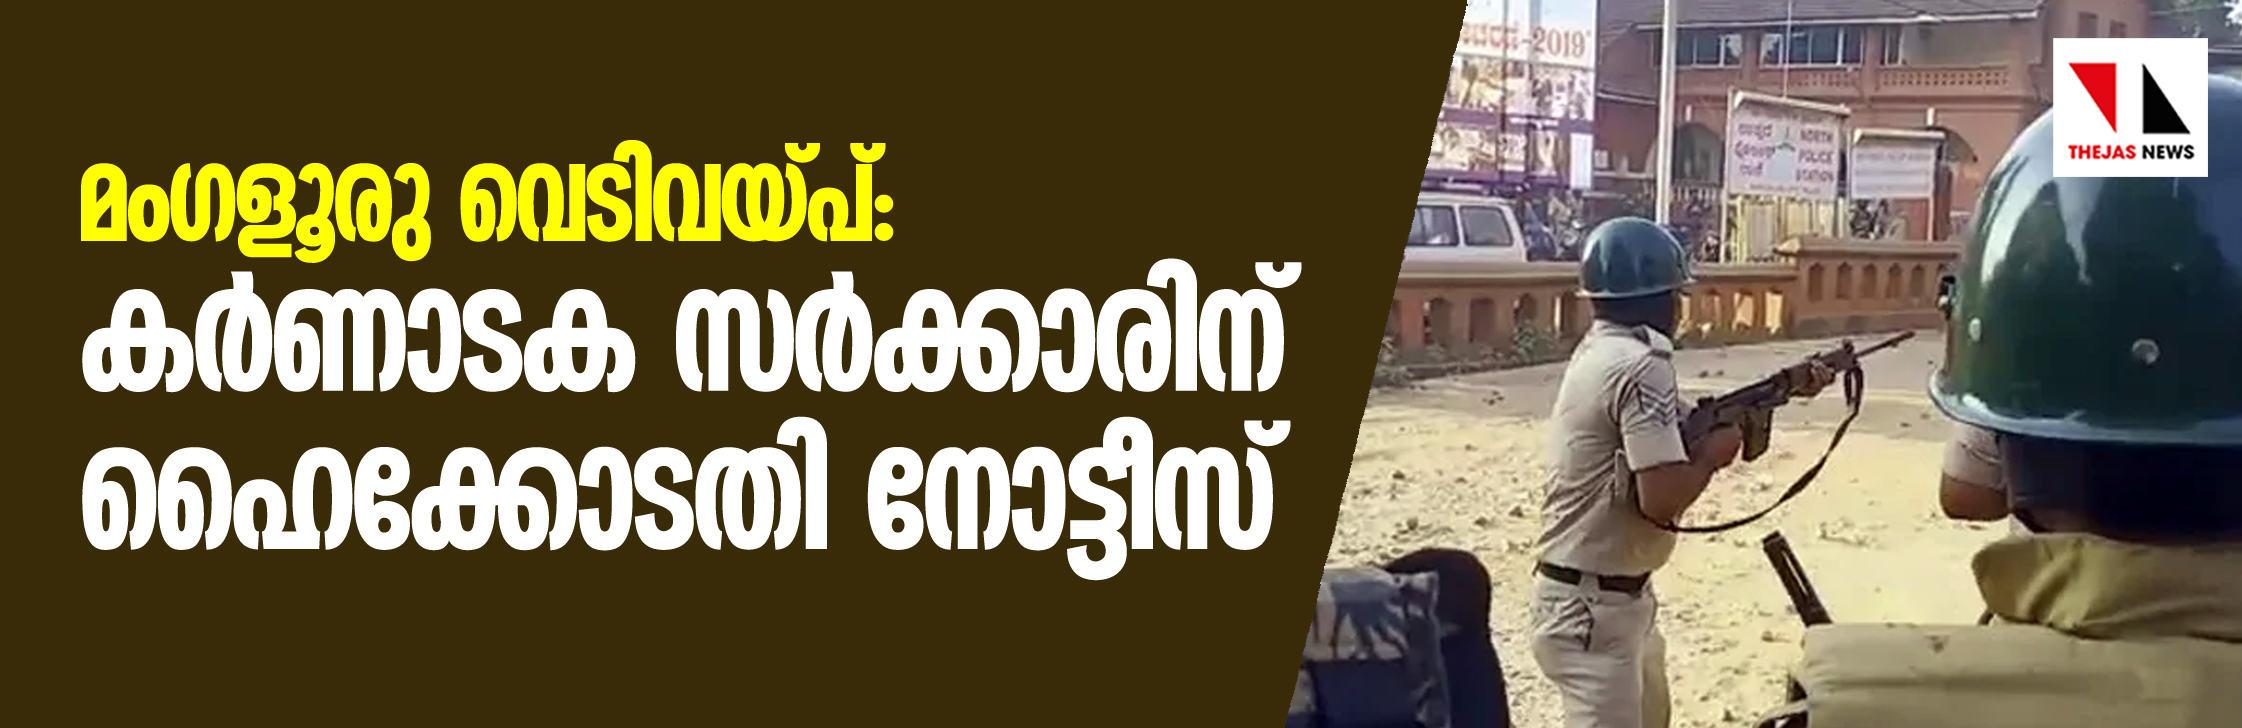 മംഗളൂരു വെടിവയ്പ്: കര്ണാടക സര്ക്കാറിന് ഹൈക്കോടതി നോട്ടീസ്